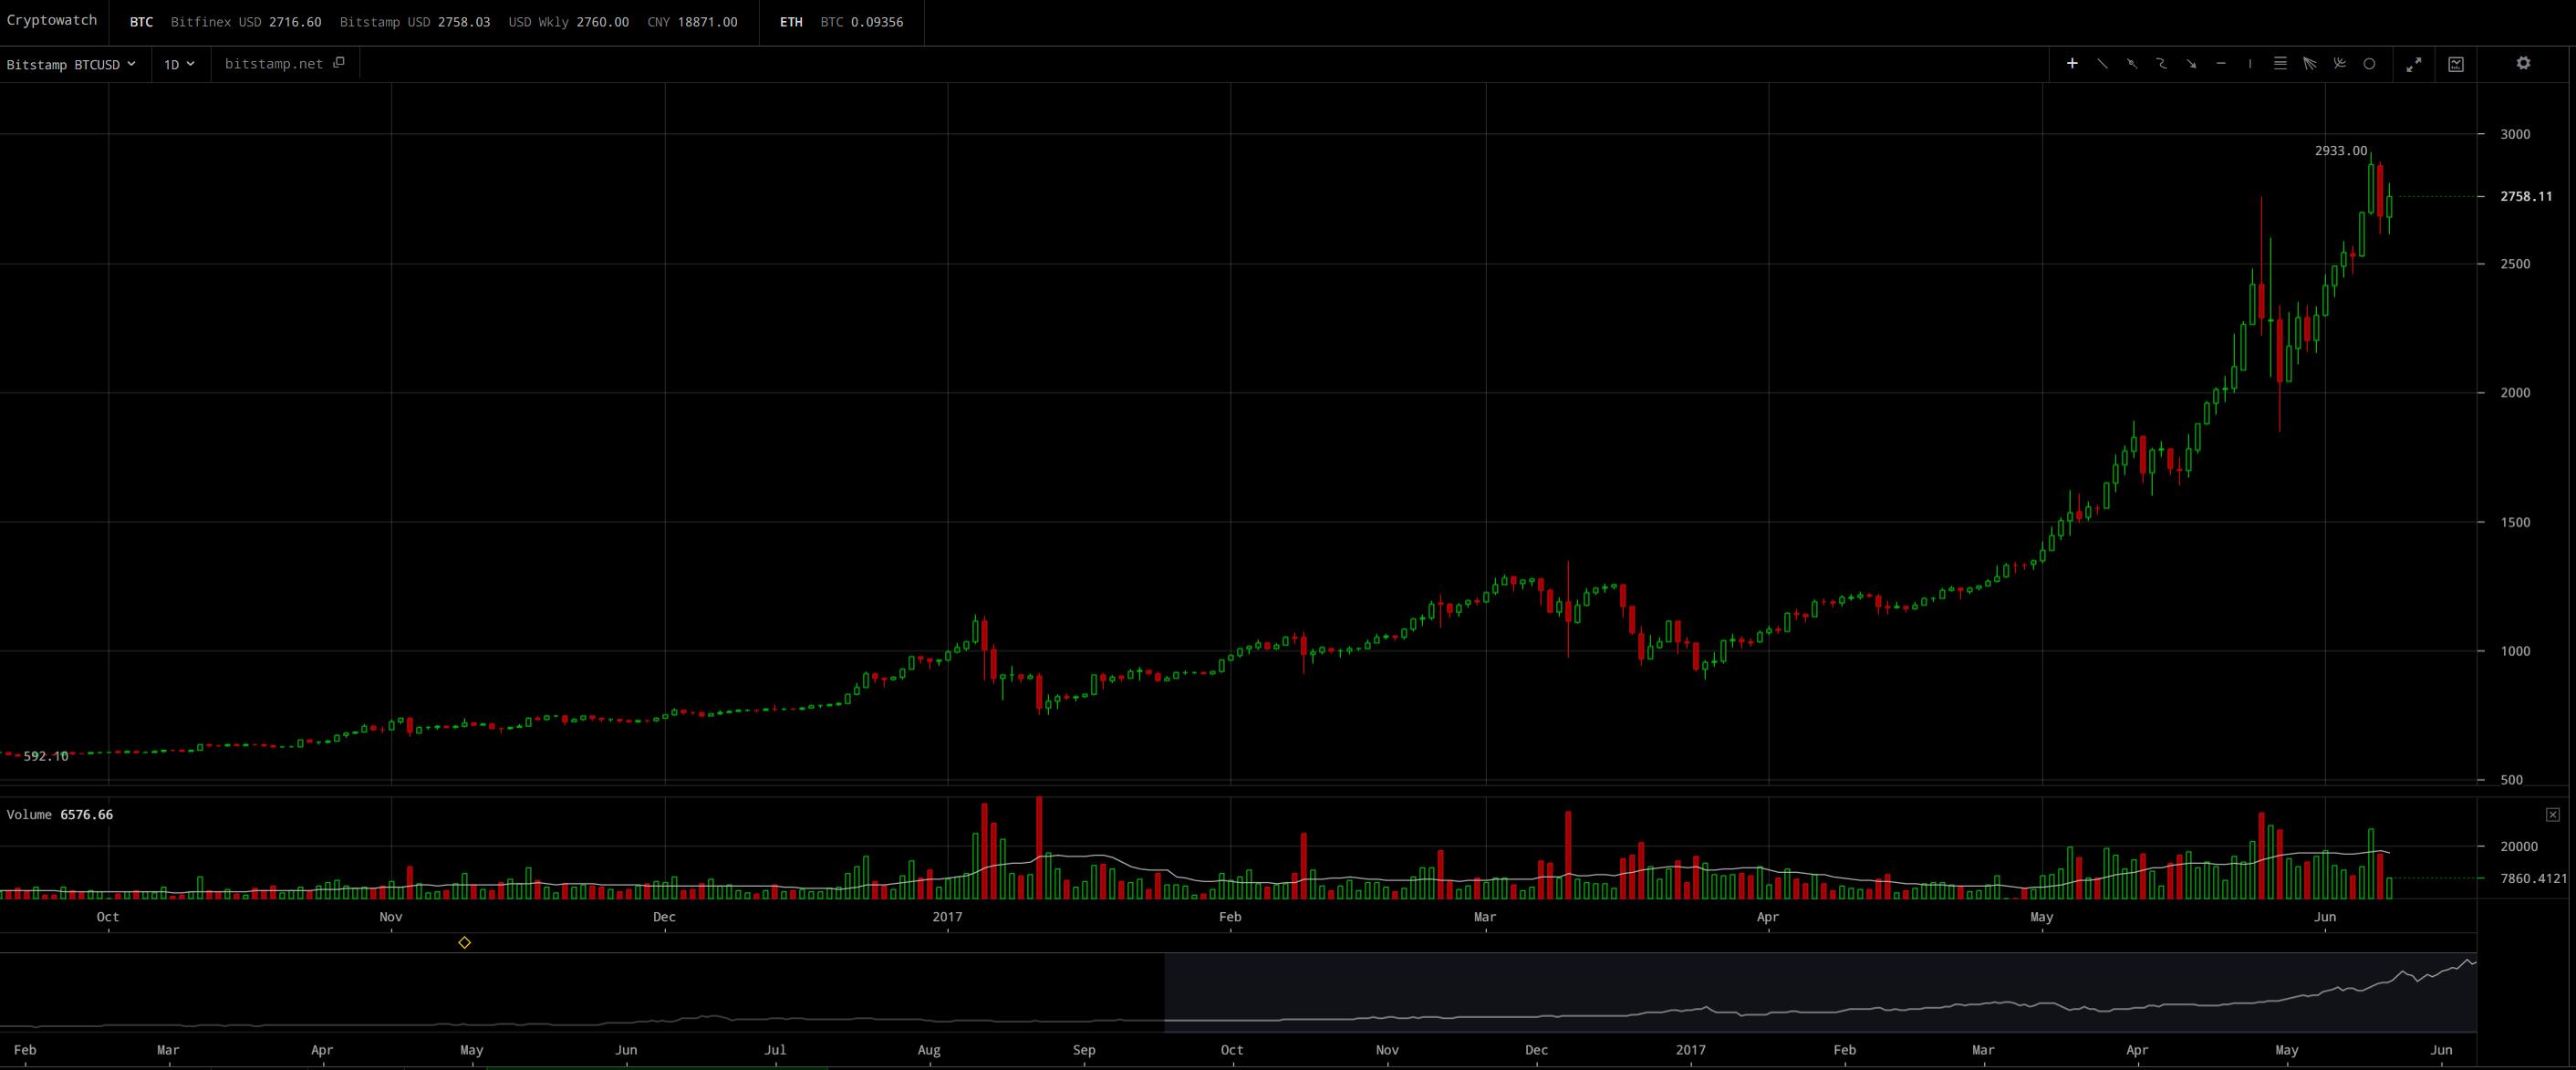 Bitcoin Daily Trade